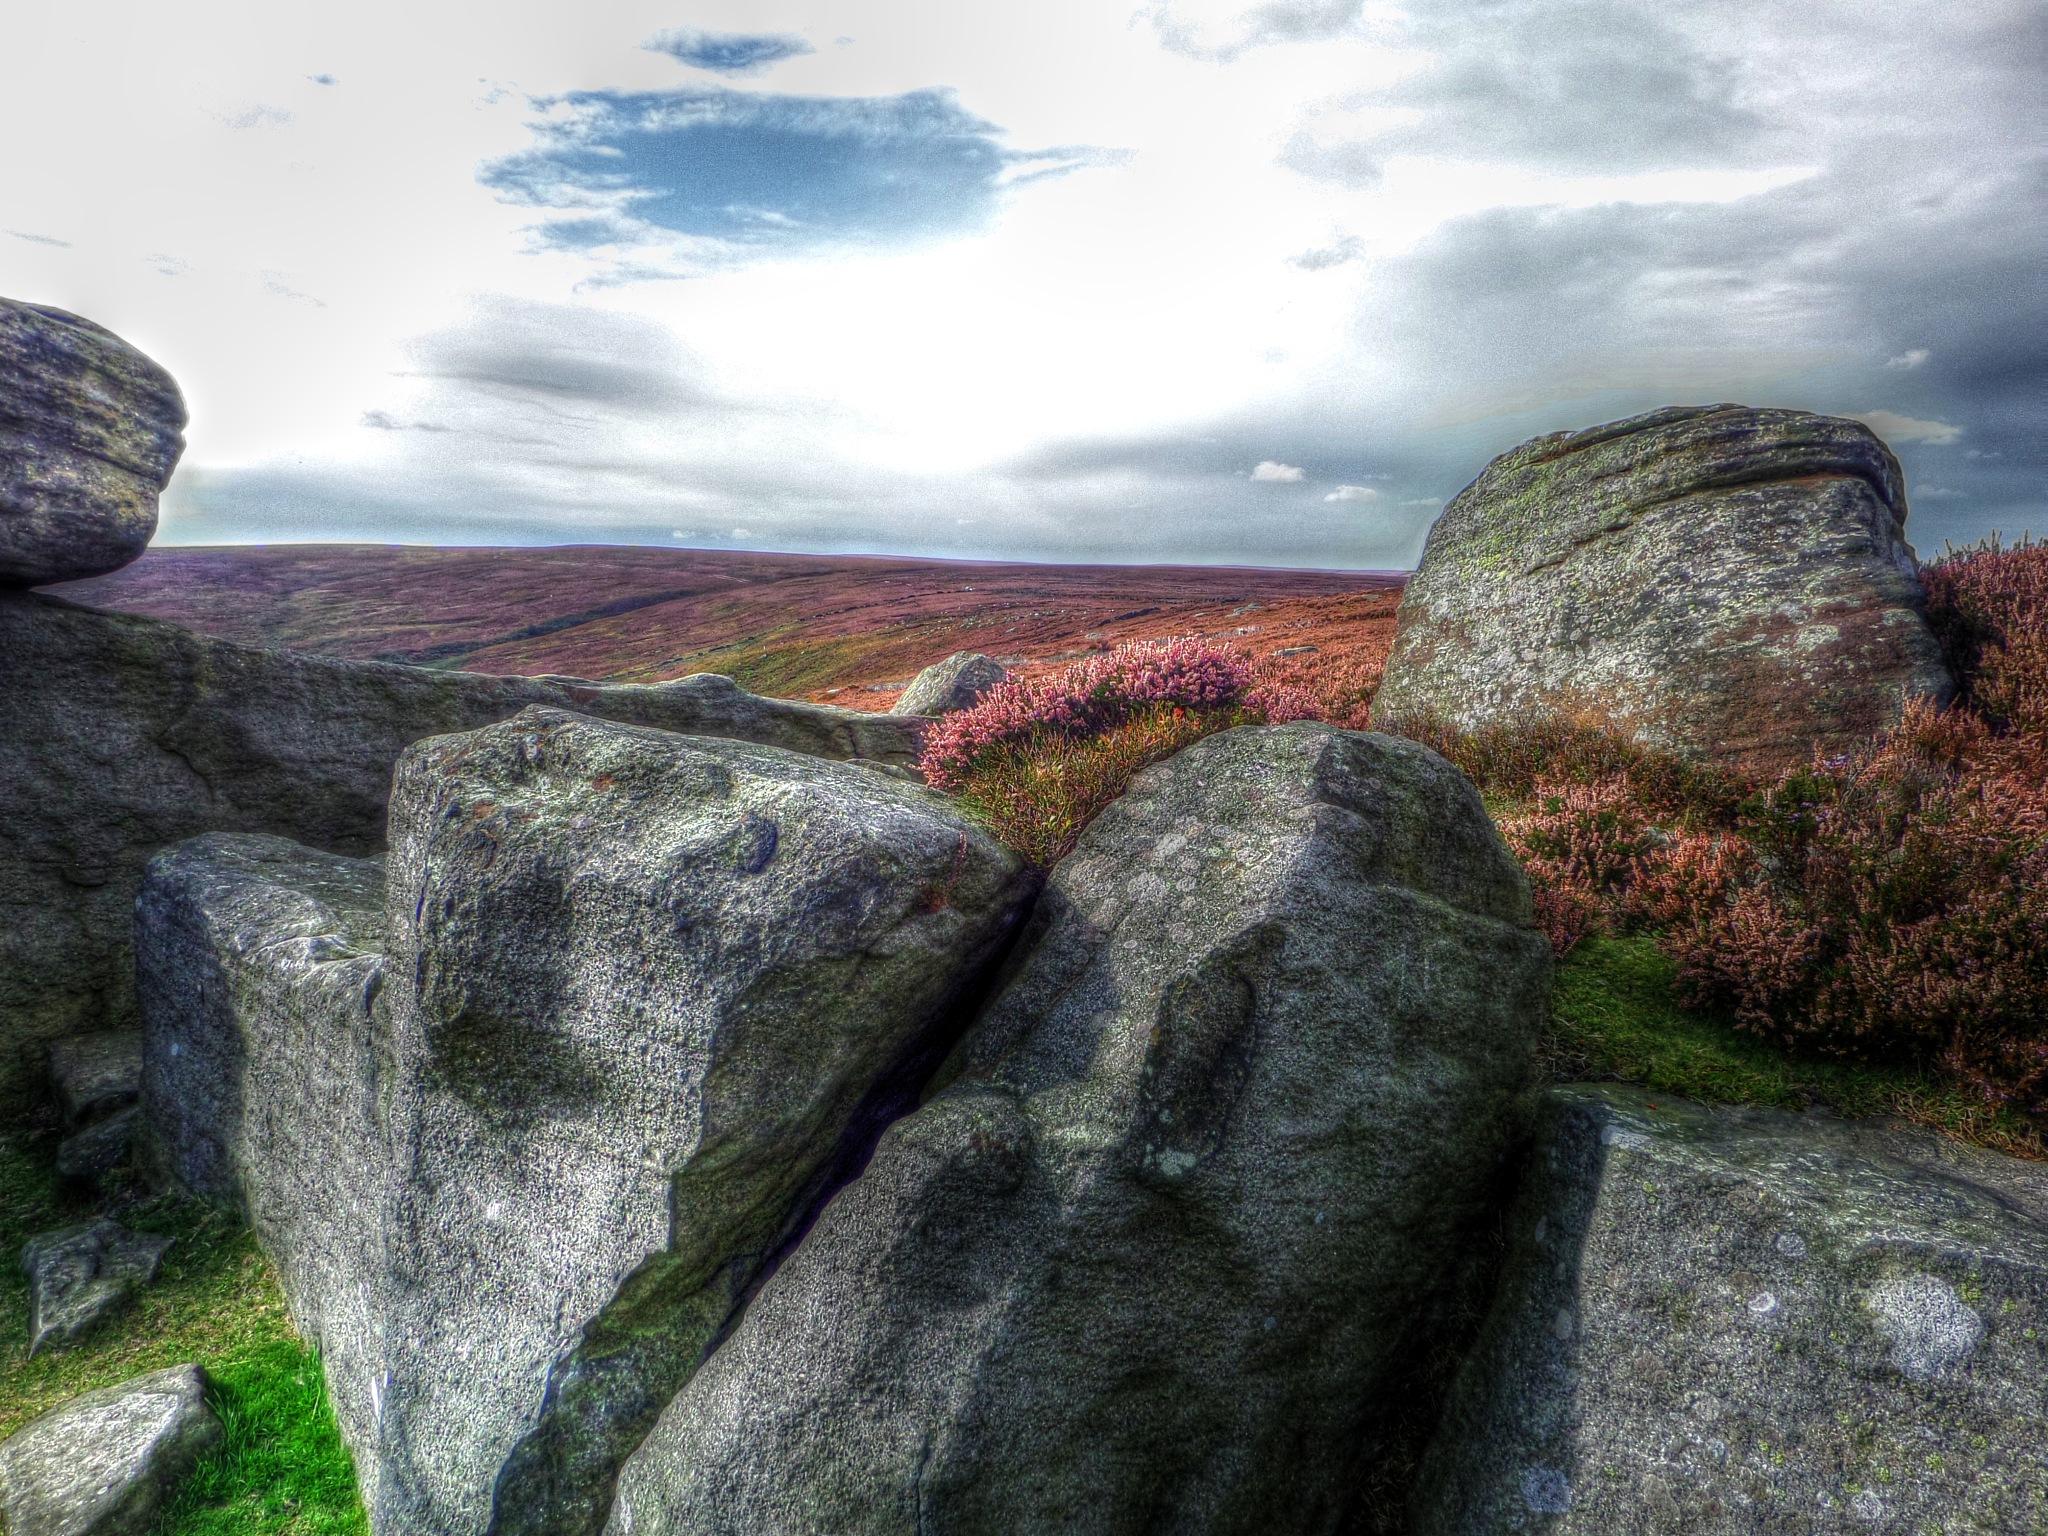 rocks on the moor by steve simpson